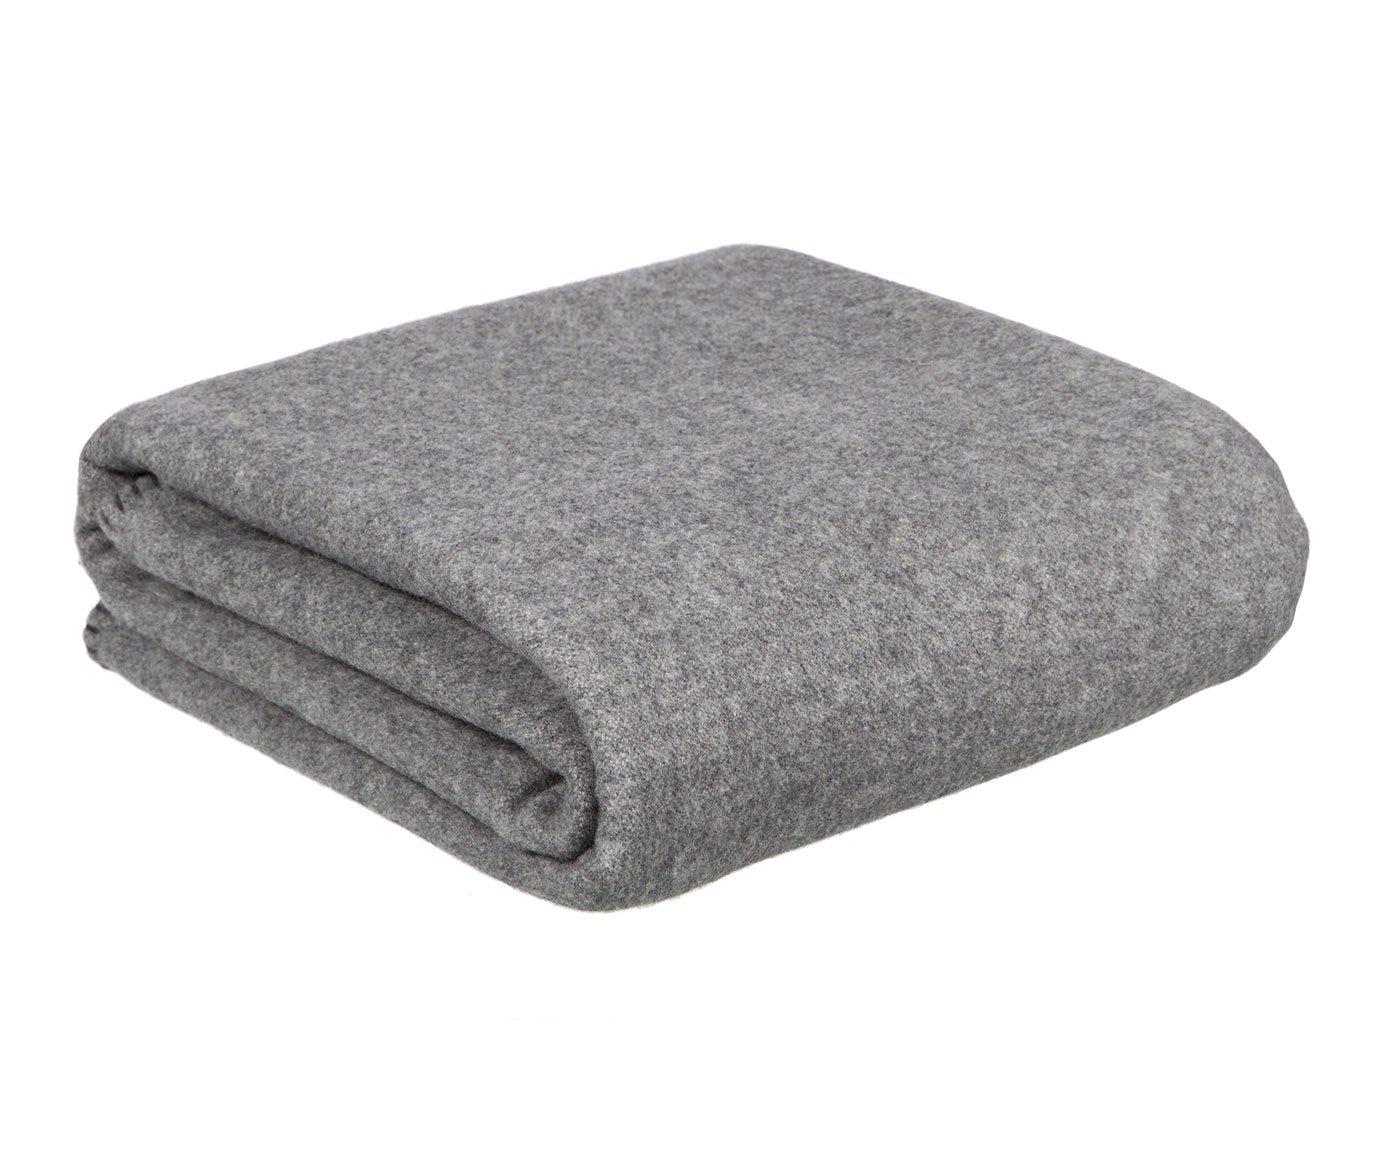 LEXINGTON 20201447010 Tagesdecke, Baumwolle, Grau und Weiß, 160 x 220 x 1 cm